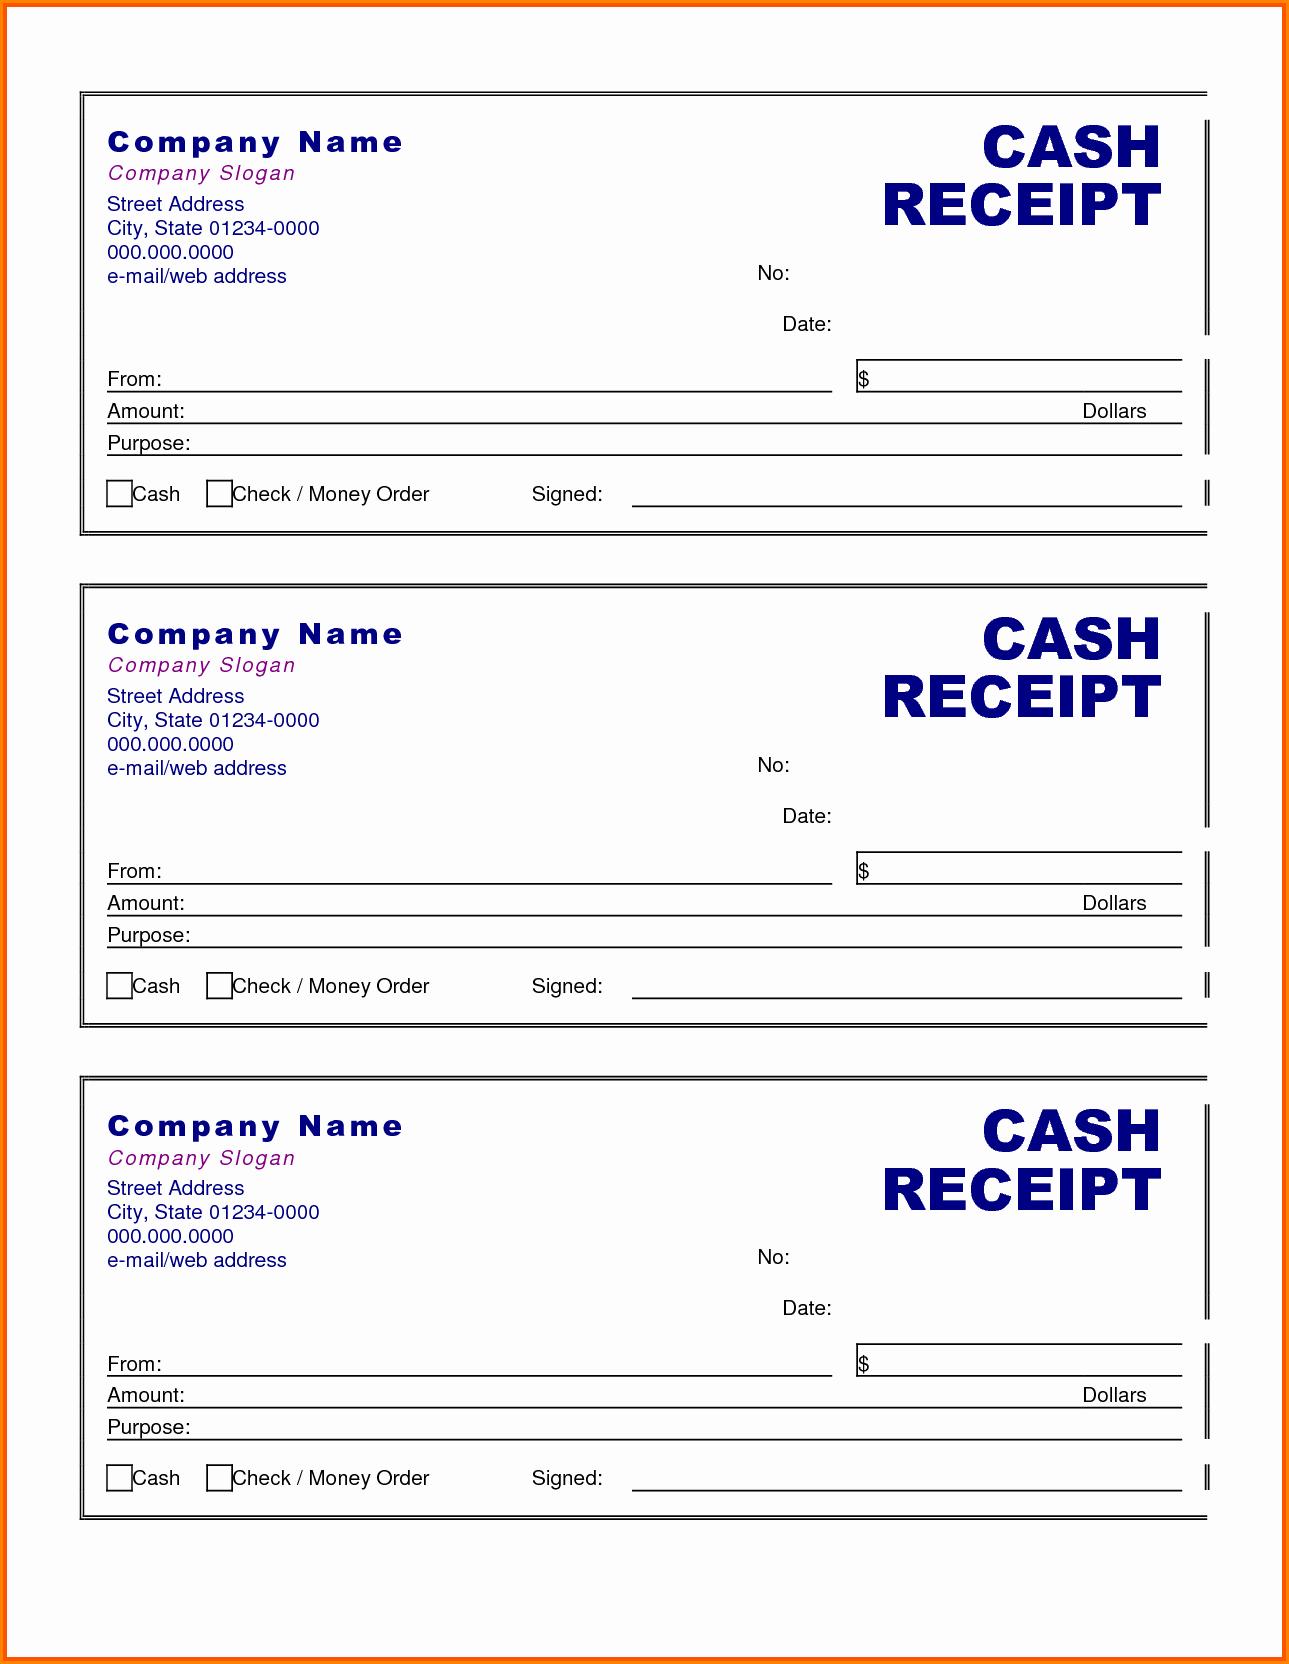 Cash Receipts Template Excel Fresh 6 Cash Receipt Template Excel